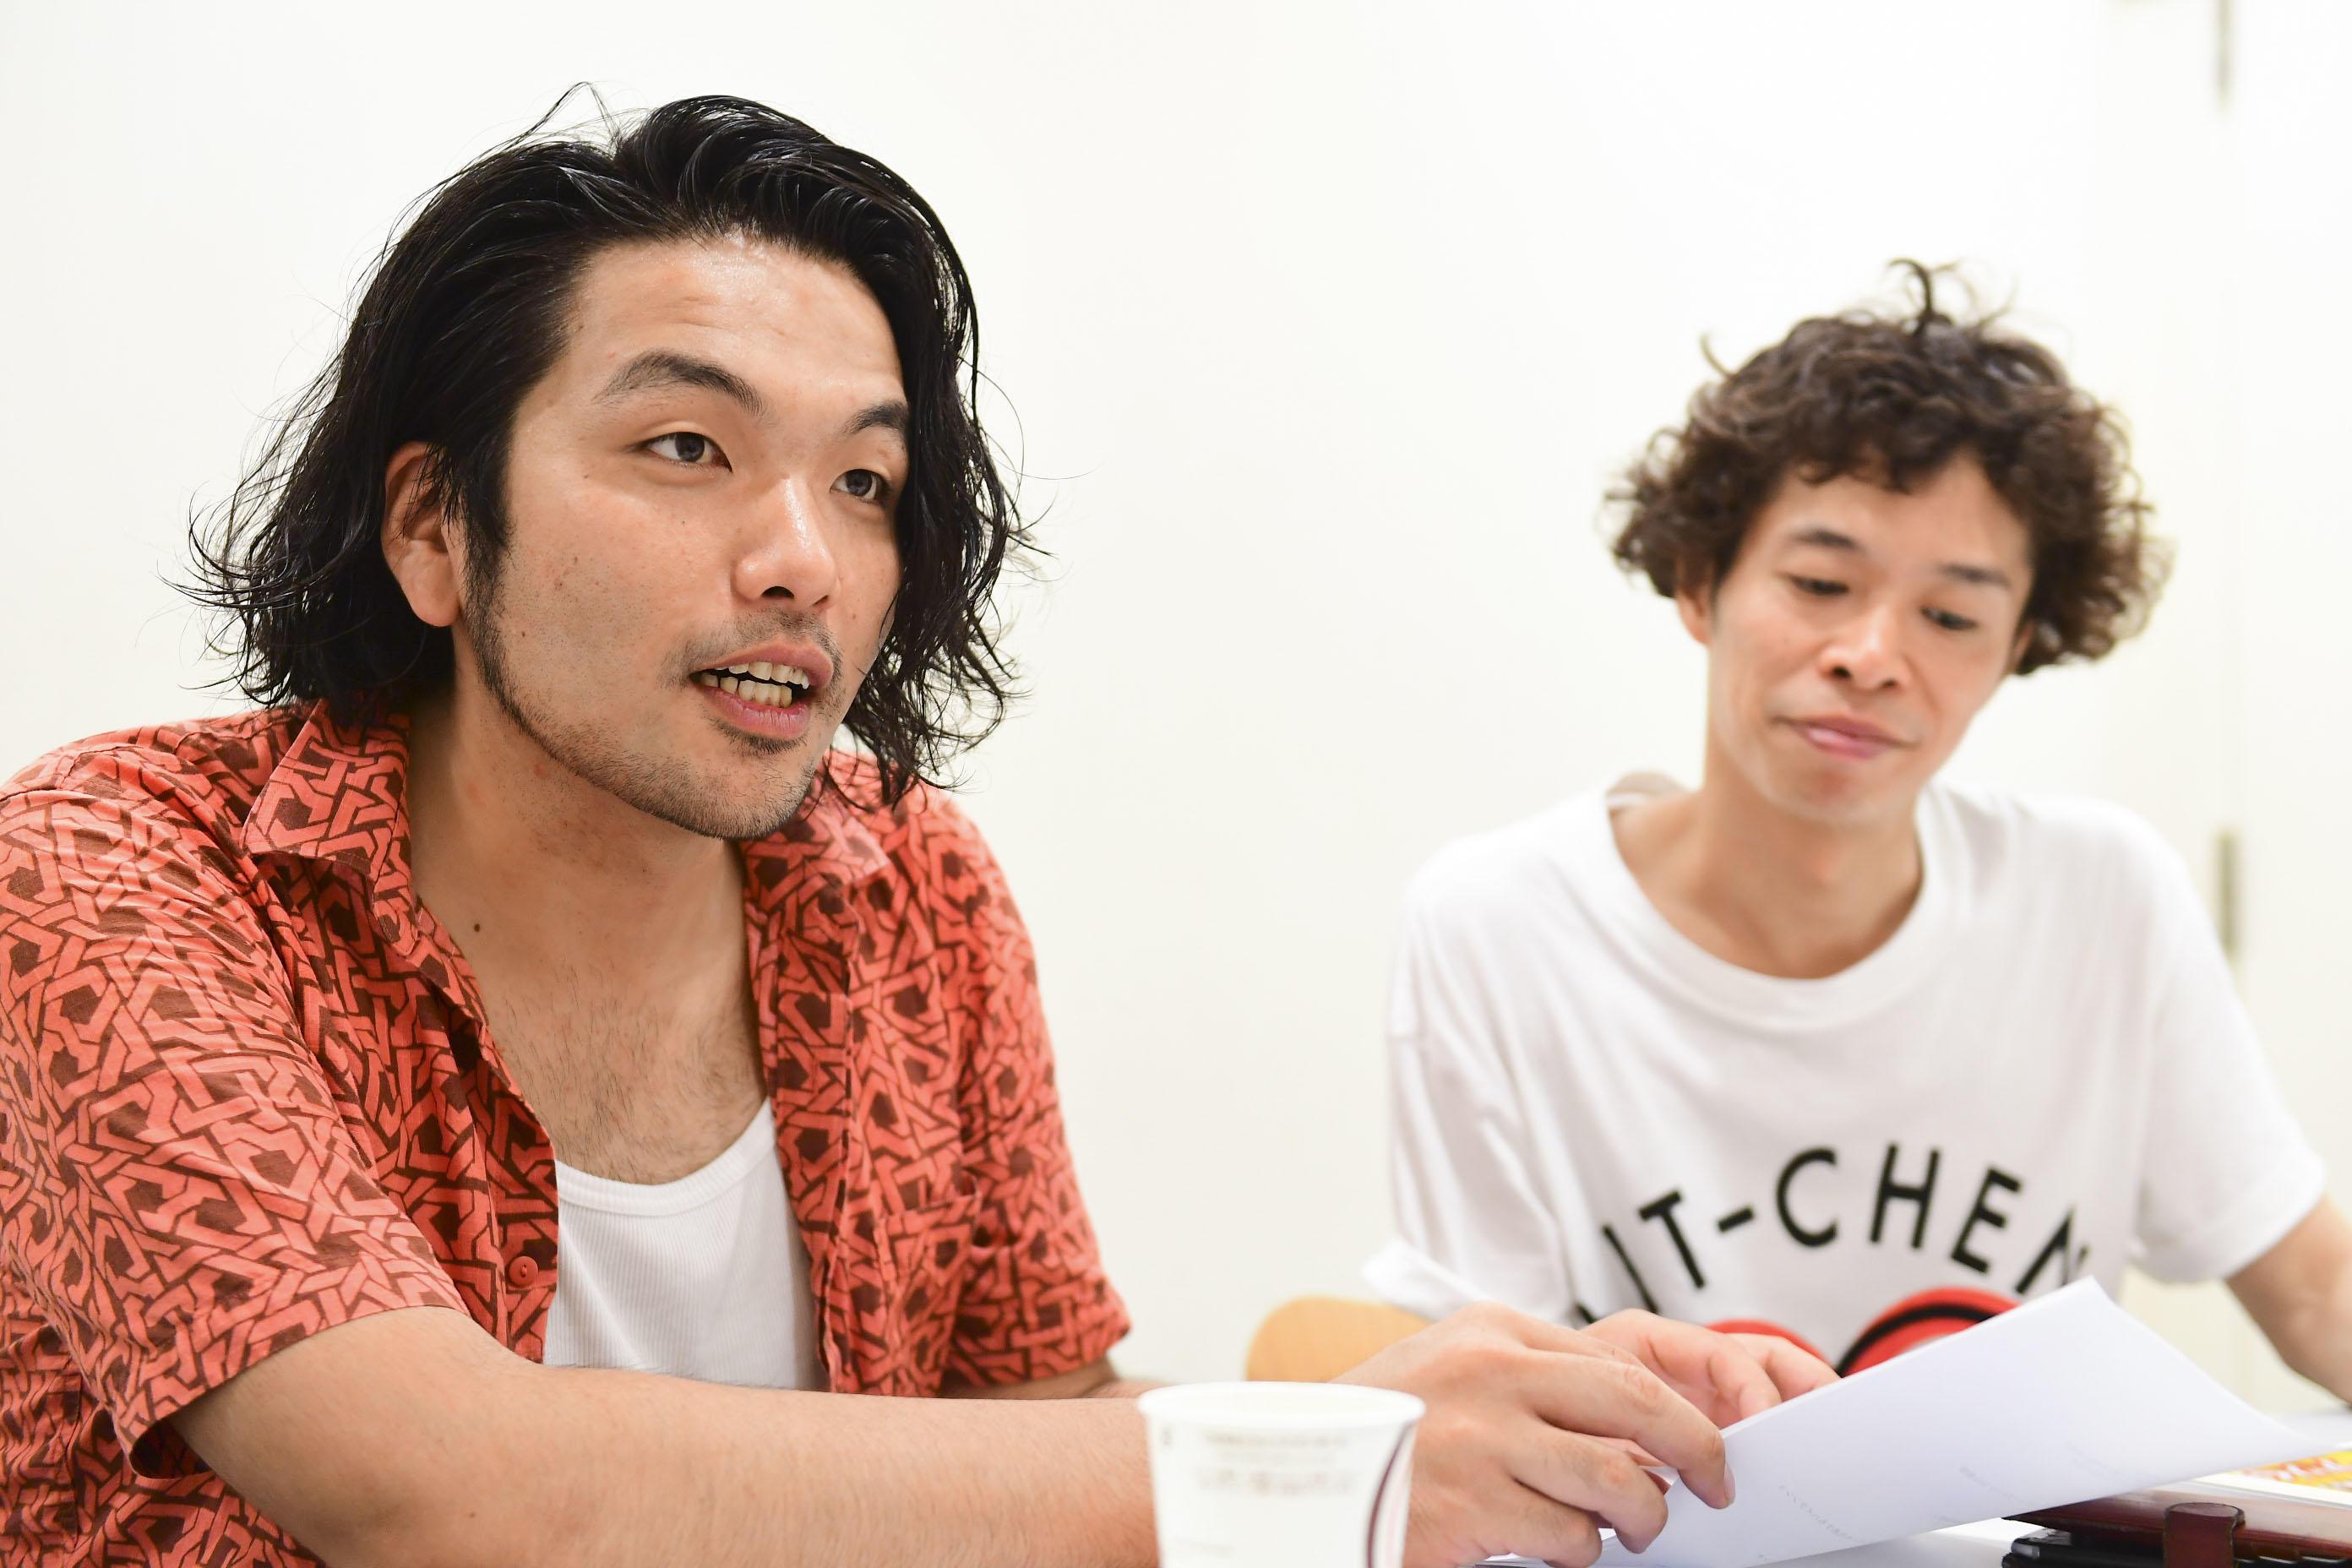 http://news.yoshimoto.co.jp/20170805095908-fe25ed7e6c8a9743eb8ca8f5eb6d5ec396c29498.jpg